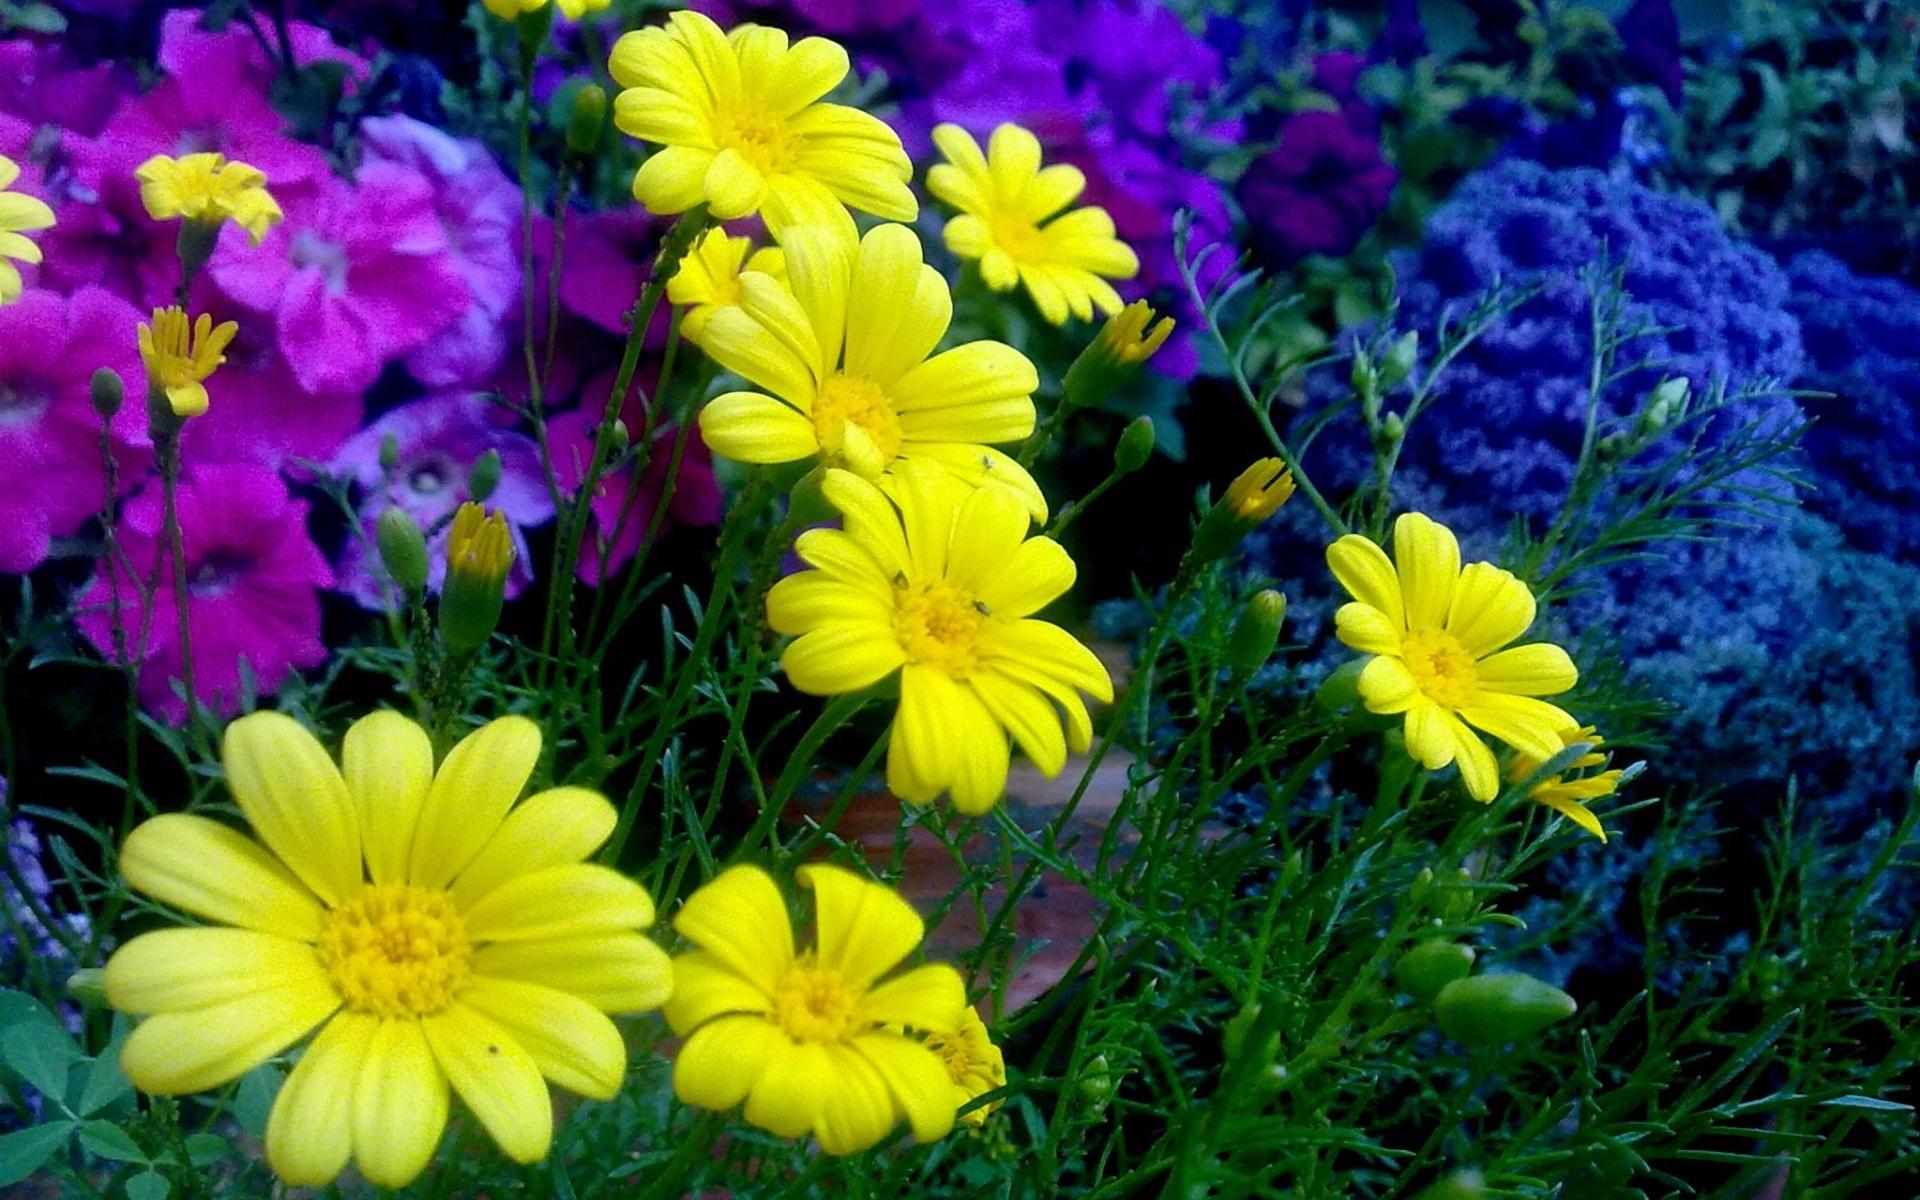 картинки цветы садовые полевые на телефон обои как приготовить